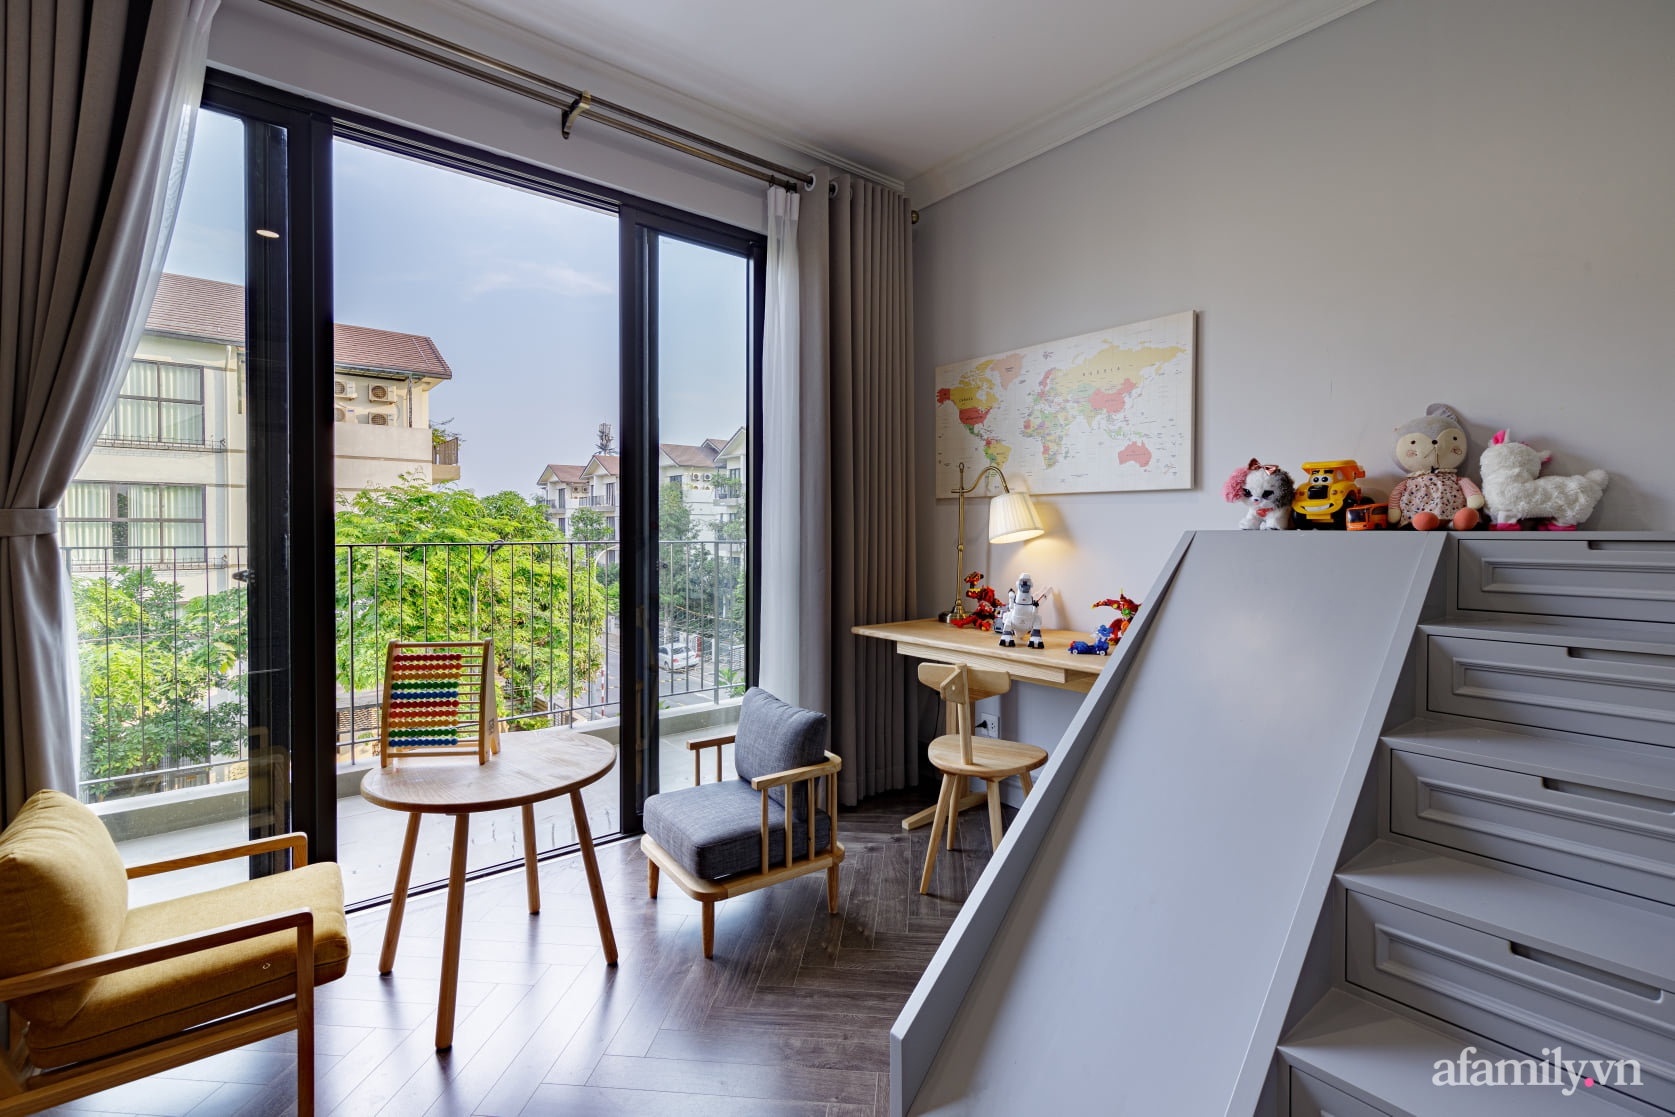 Nhà phố 3 tầng đẹp sang trọng với nội thất cực chất theo phong cách Traditional ở Hà Nội - Ảnh 23.